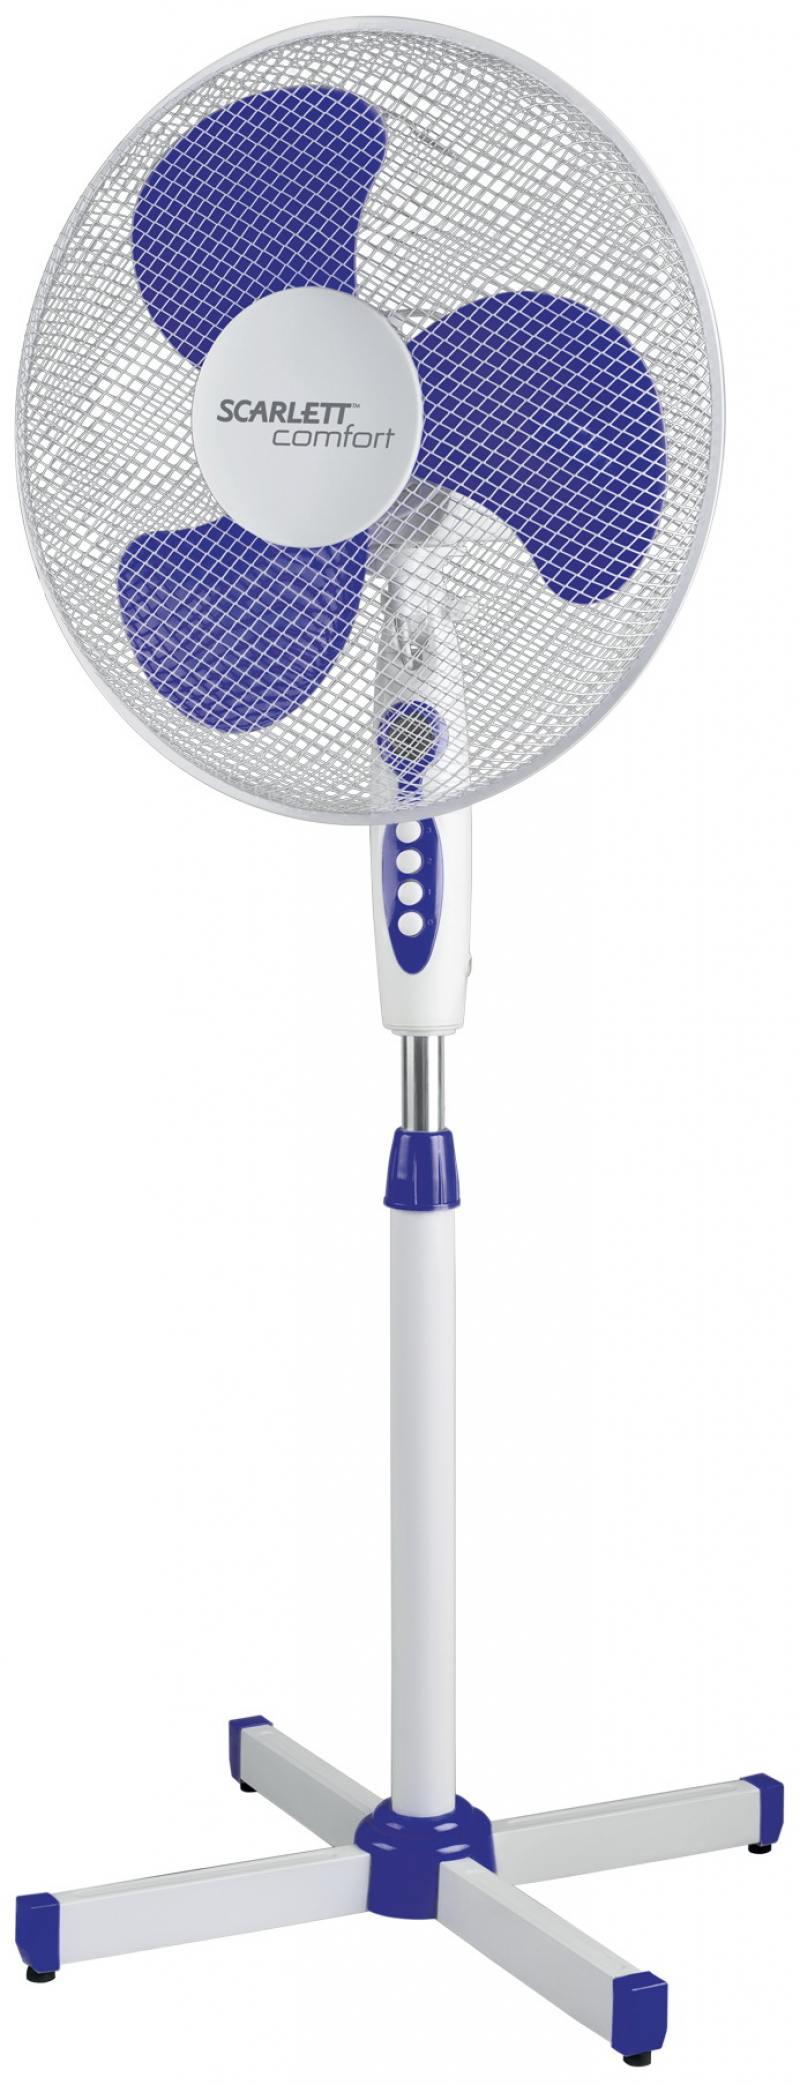 Вентилятор напольный Scarlett SC-SF111B11 38 Вт белый/голубой вентилятор напольный aeg vl 5569 s lb 80 вт